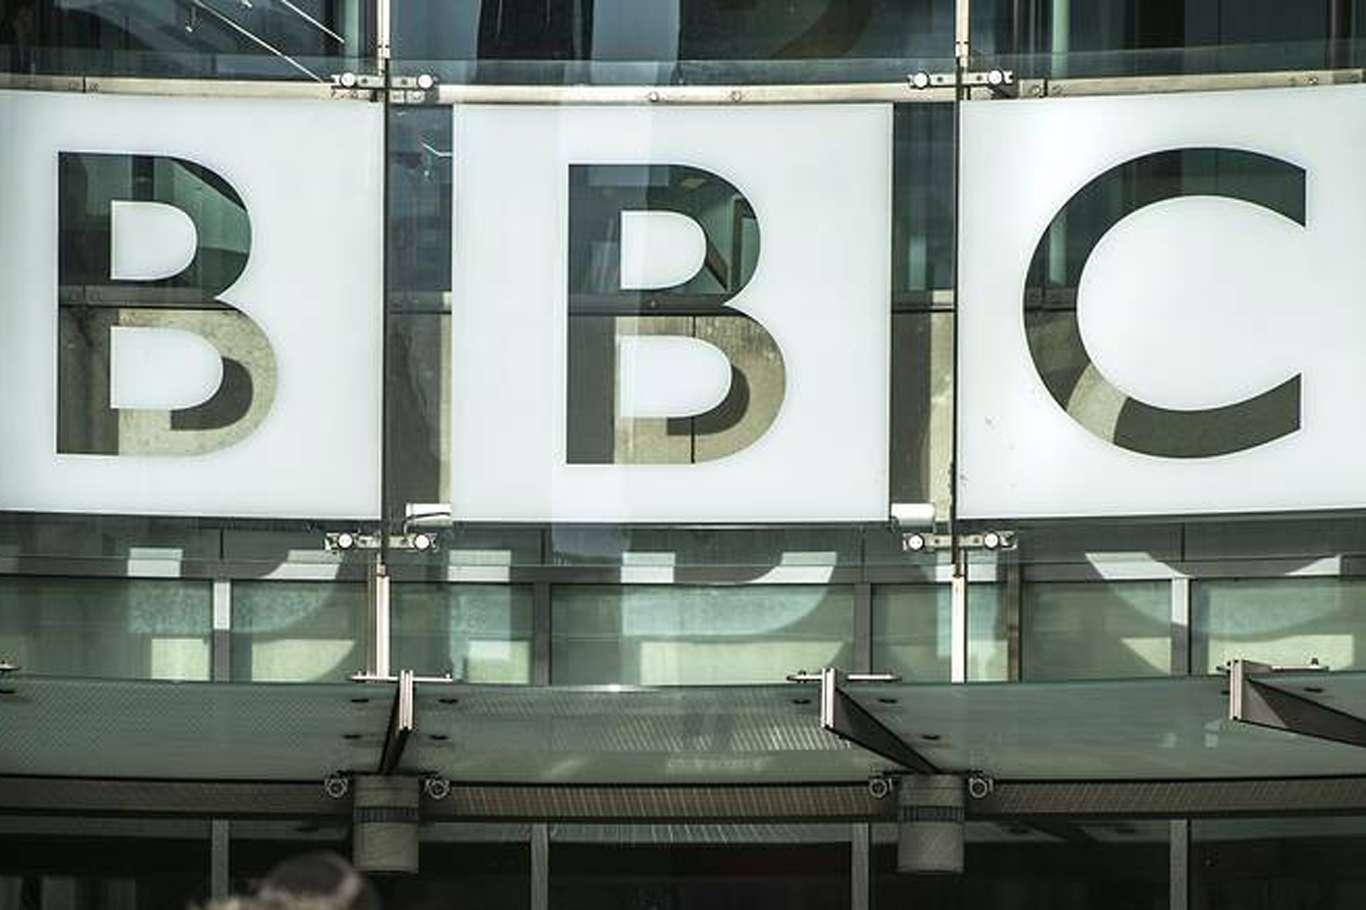 Çin, BBC TV Kanalının Yayınını Ülke Genelinde Yasakladı